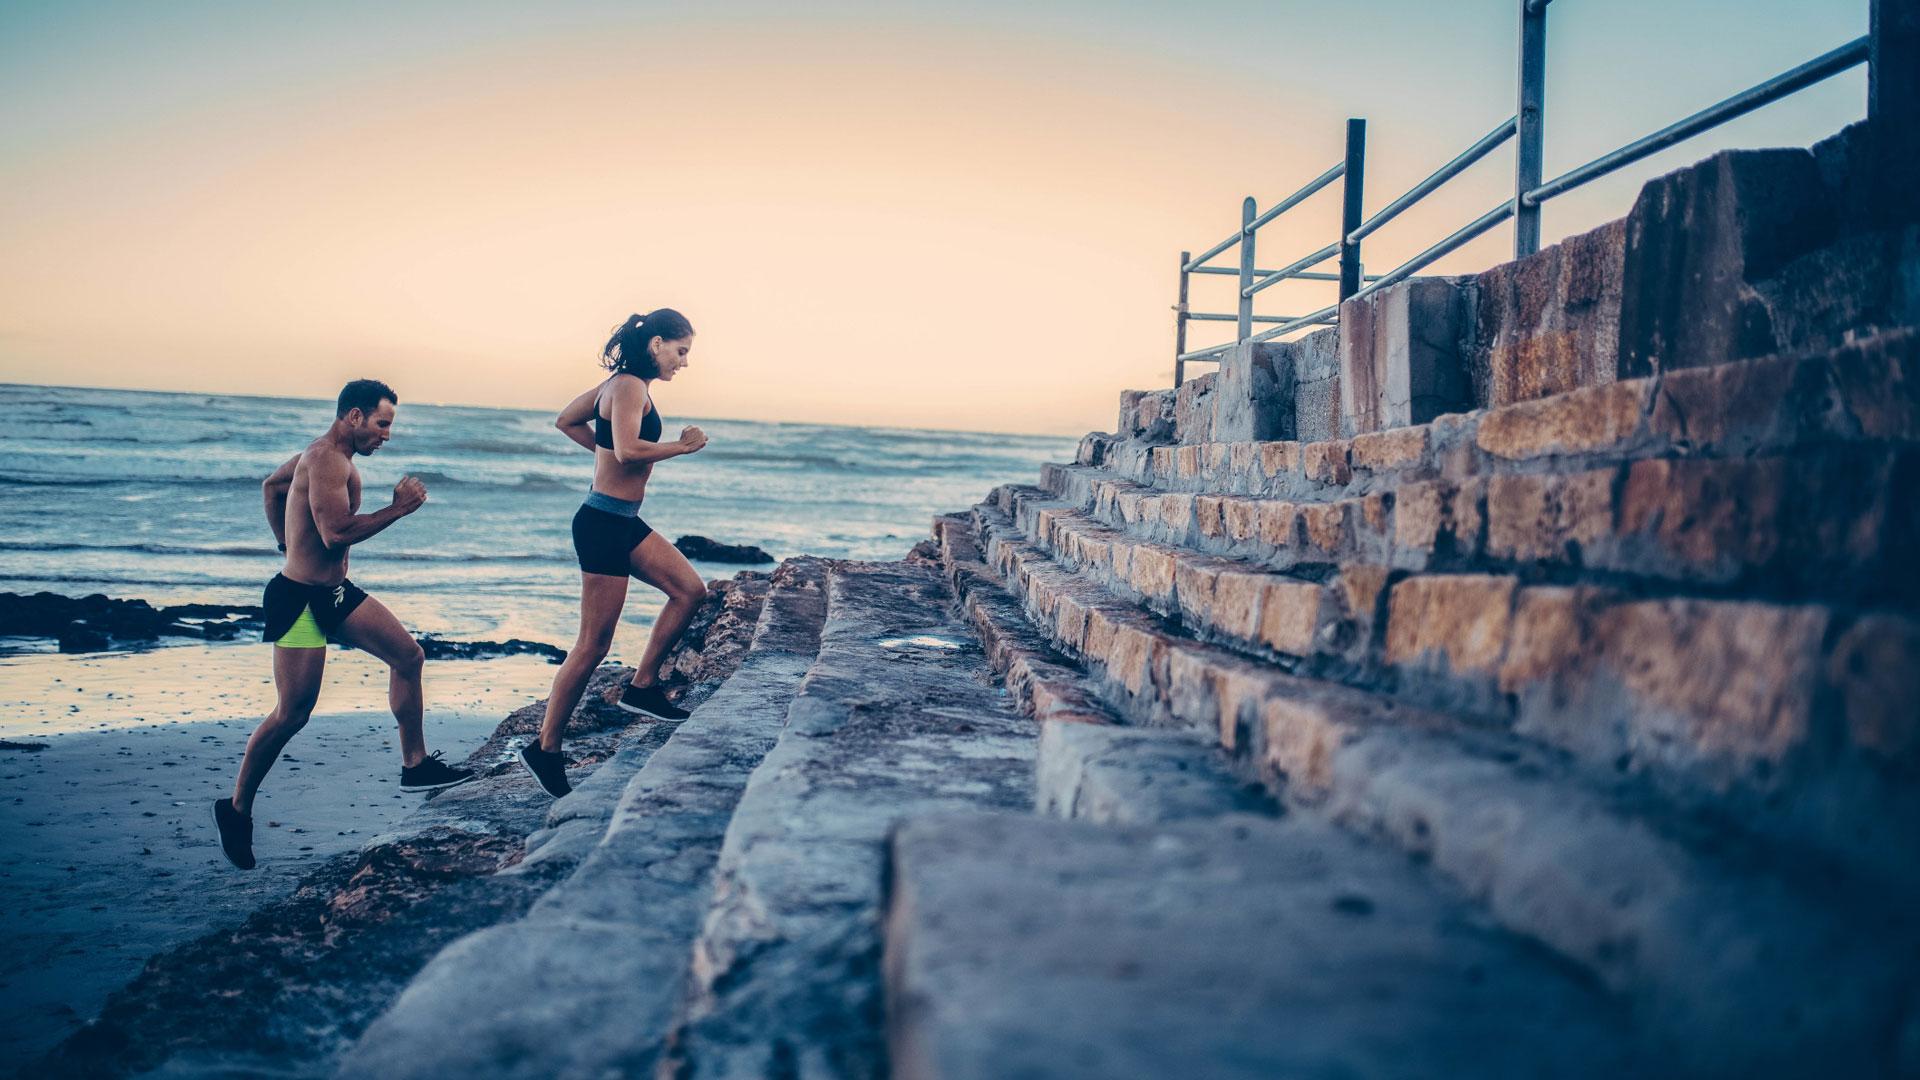 Niet te stoppen: doe elke dag iets waar je geen zin in hebt